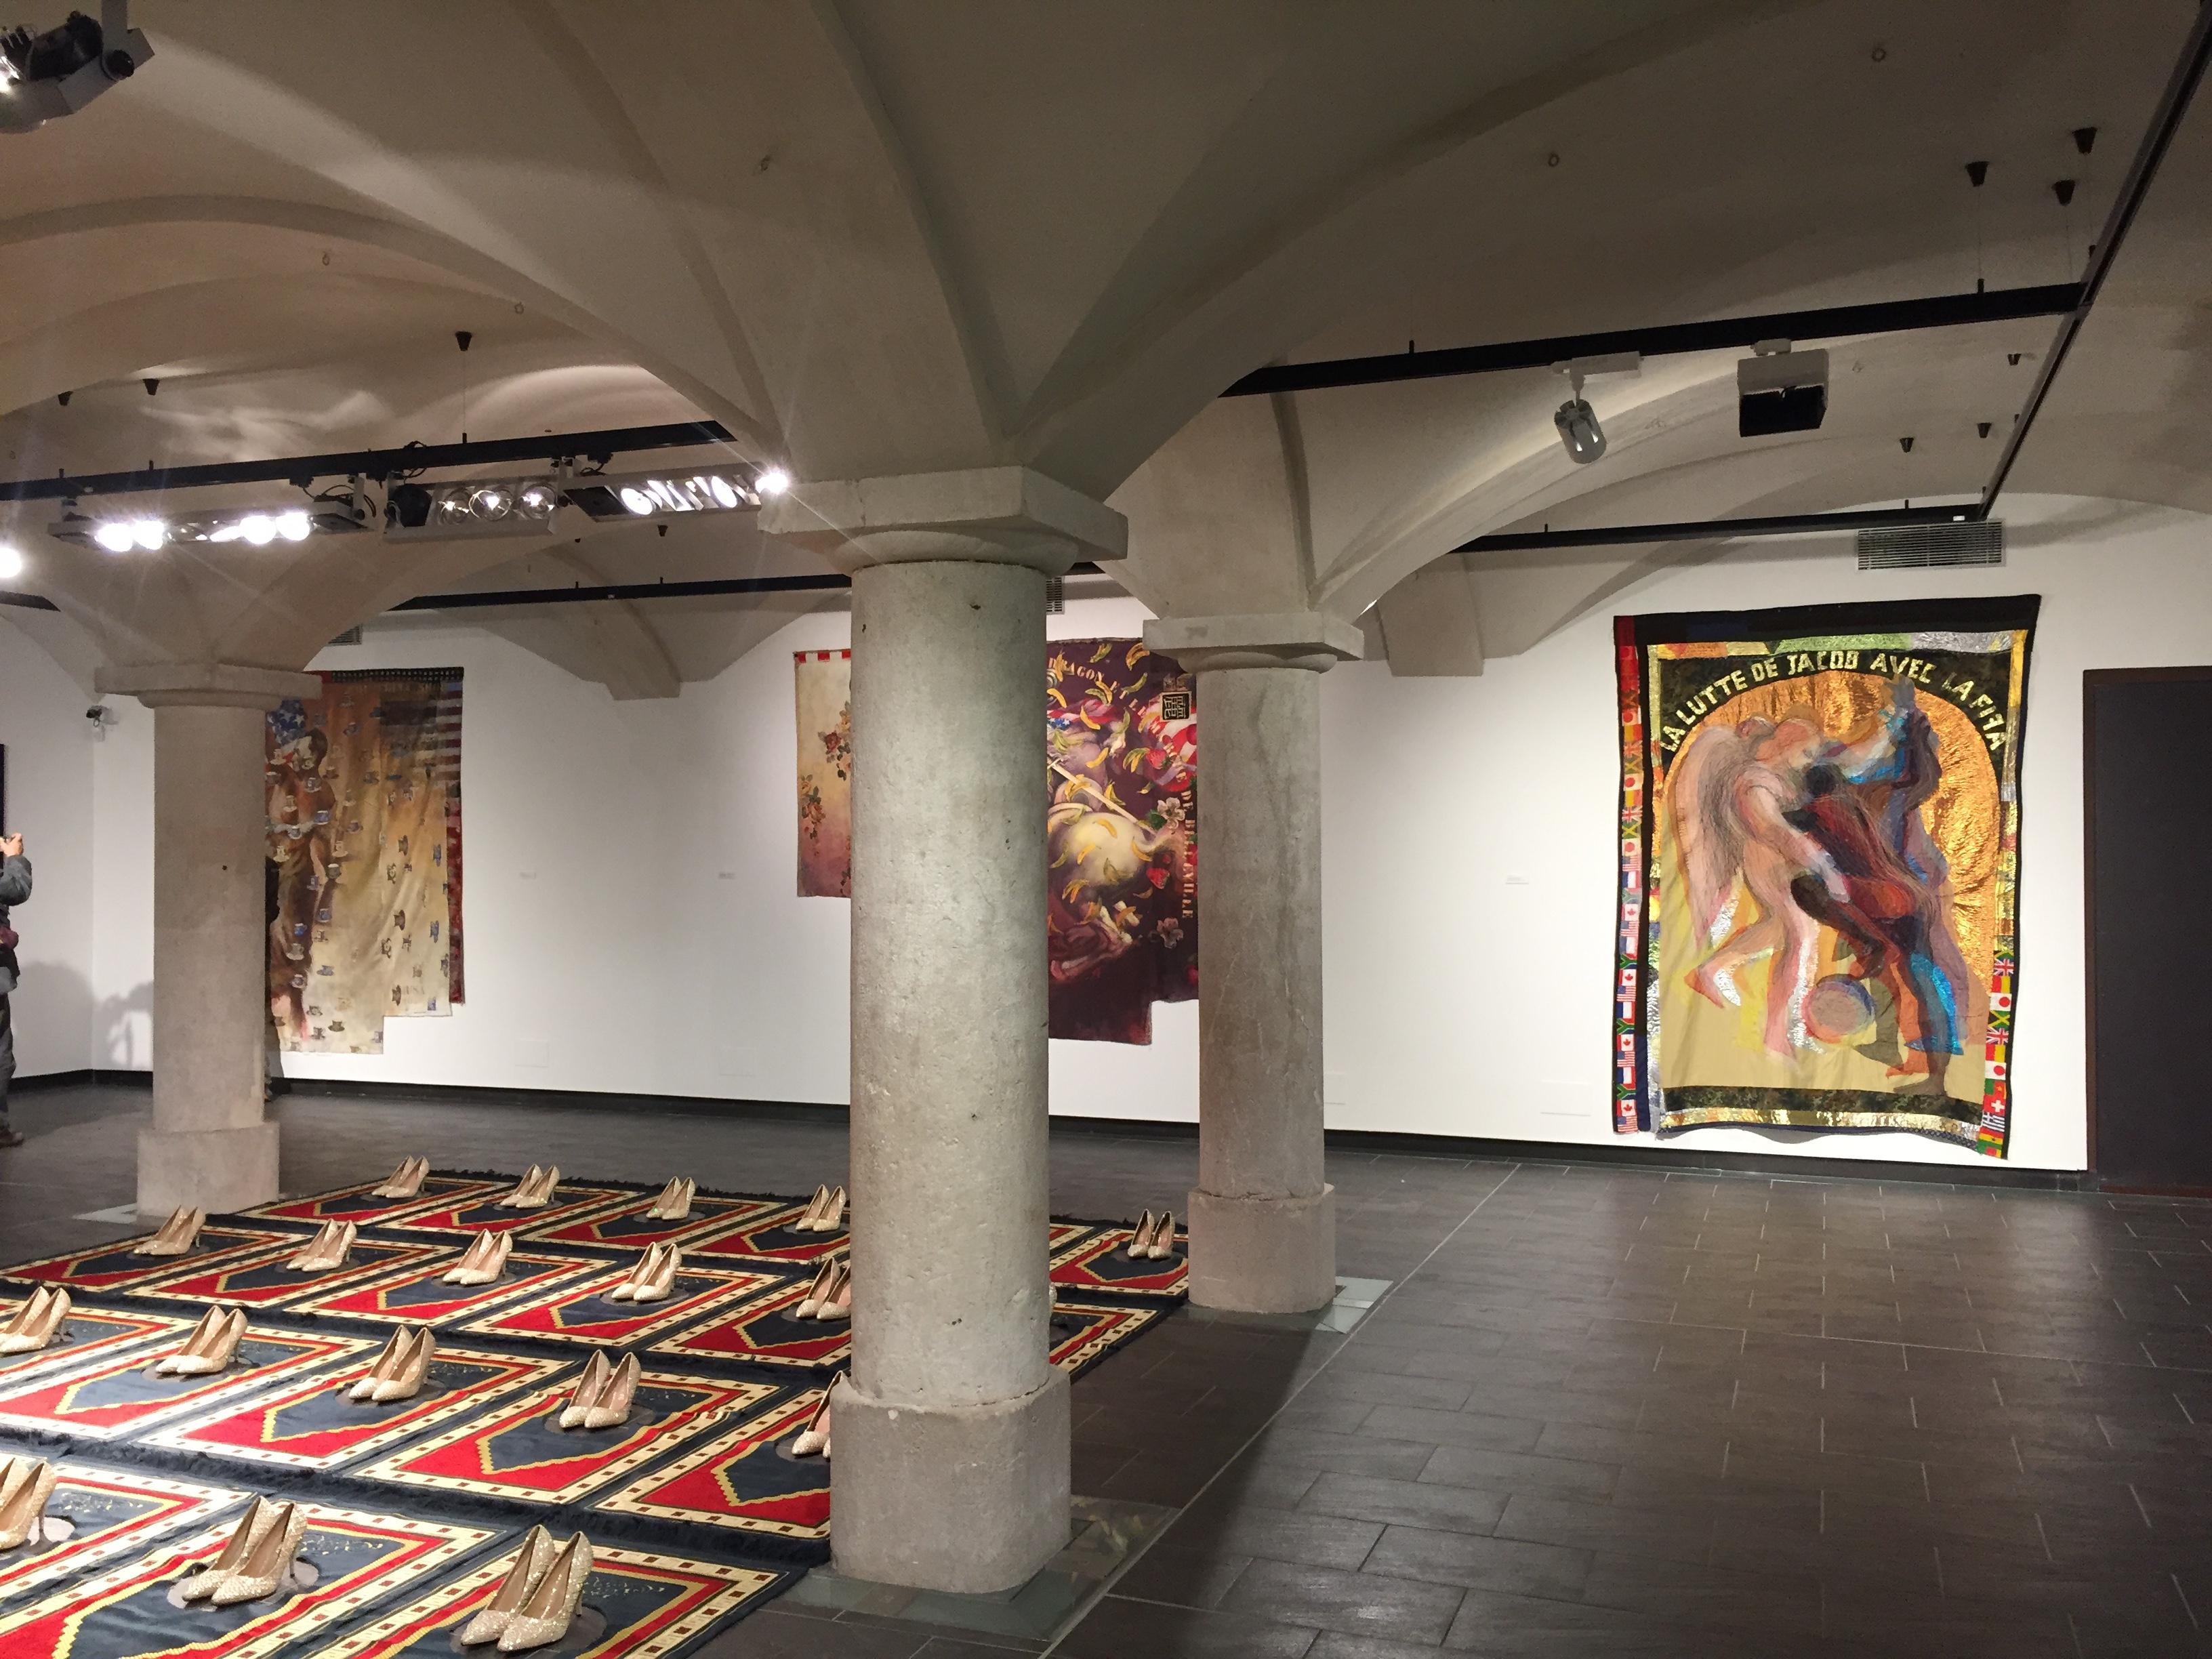 Vue de l'exposition D'un monde à l'autre - Fondation pour l'art contemporain Claudine et Jean Marc Salomon, Abbaye Annecy, 2017